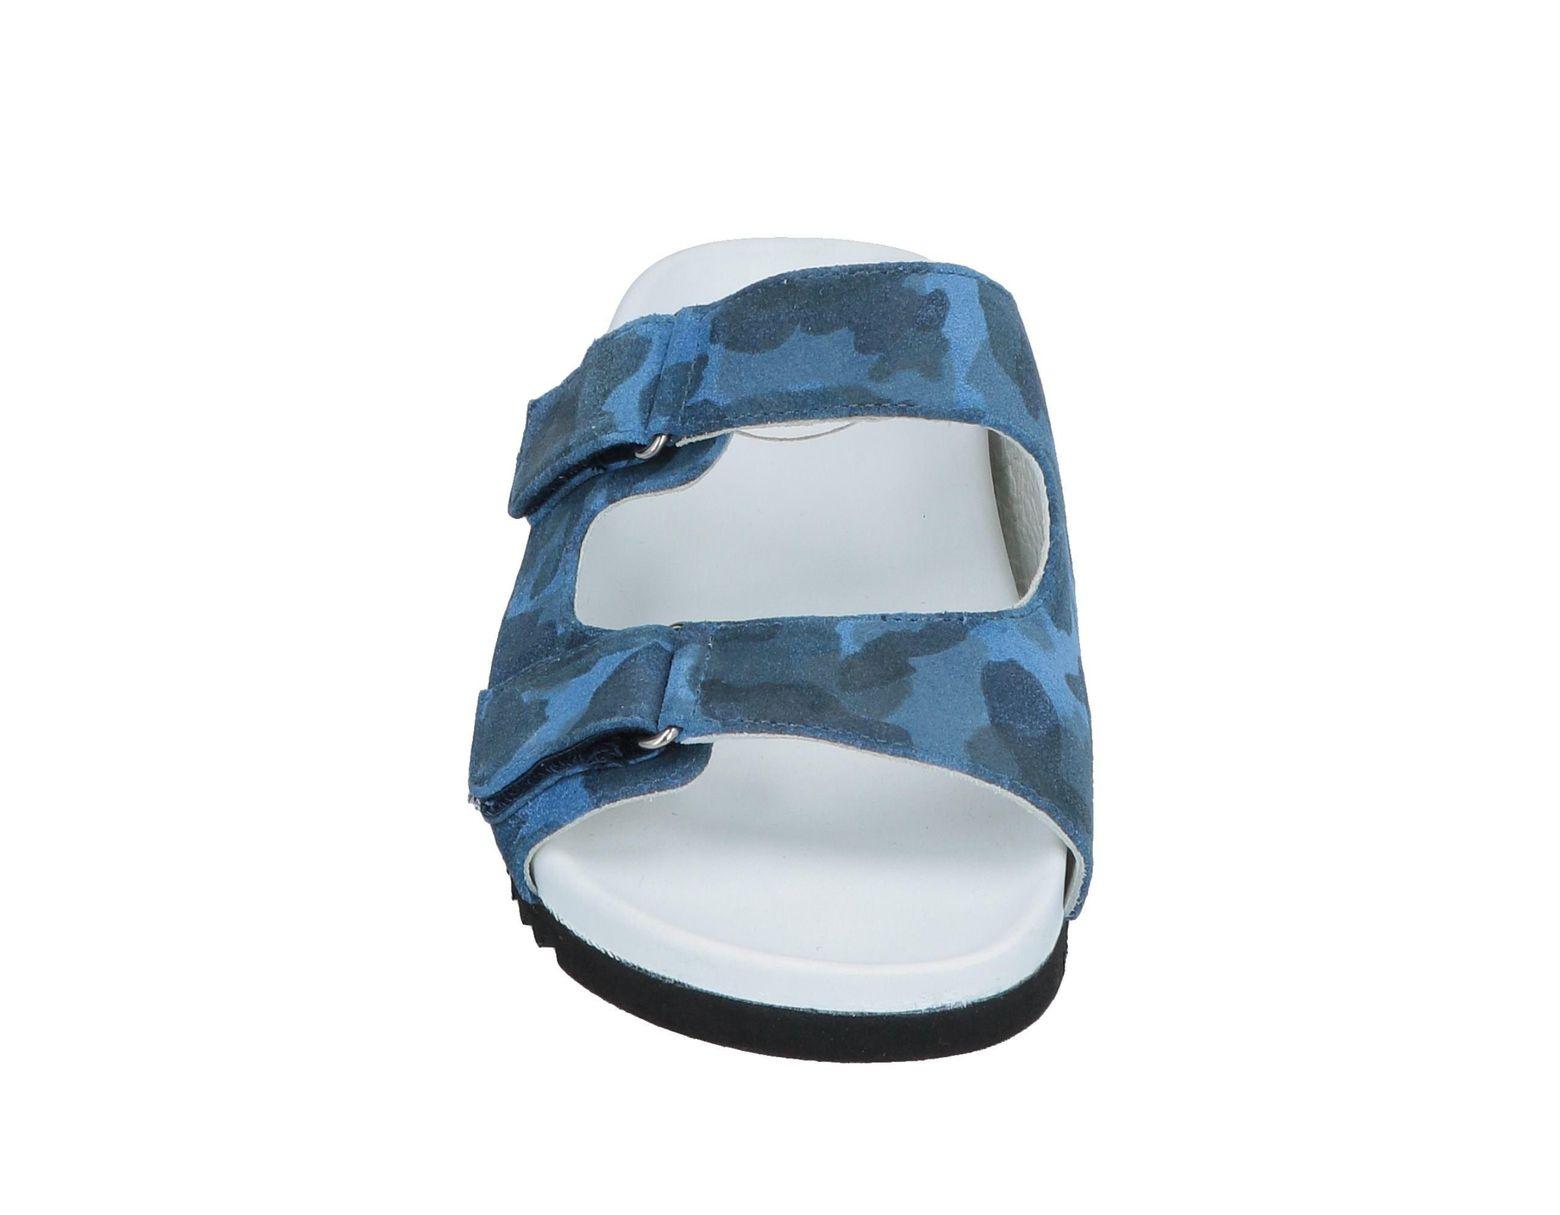 Azul Sandalias De Botticelli Color Hombre Limited Lyst rdxBoeCW